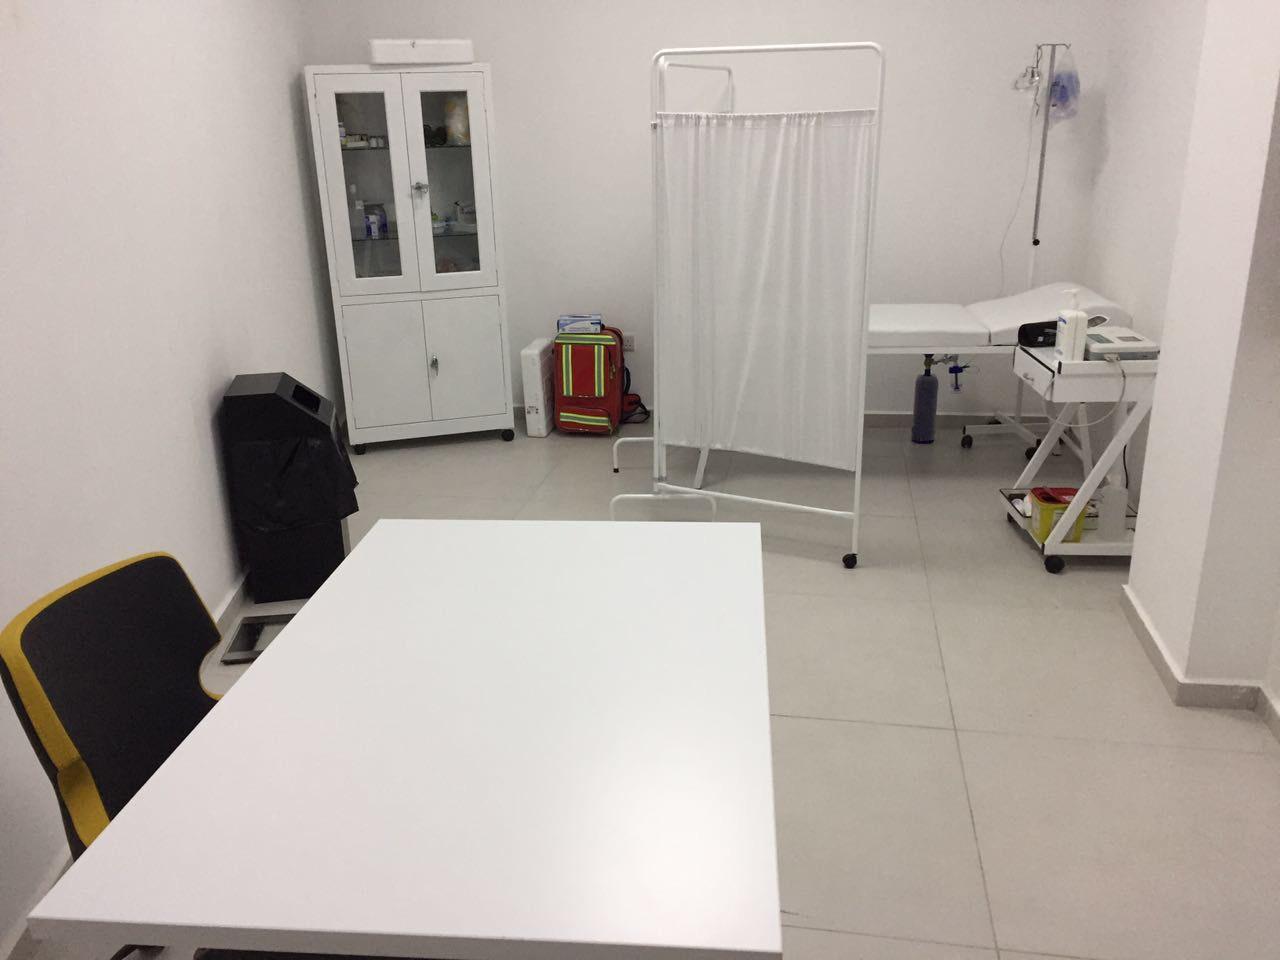 Sağlık Merkezinden Bir Görüntü